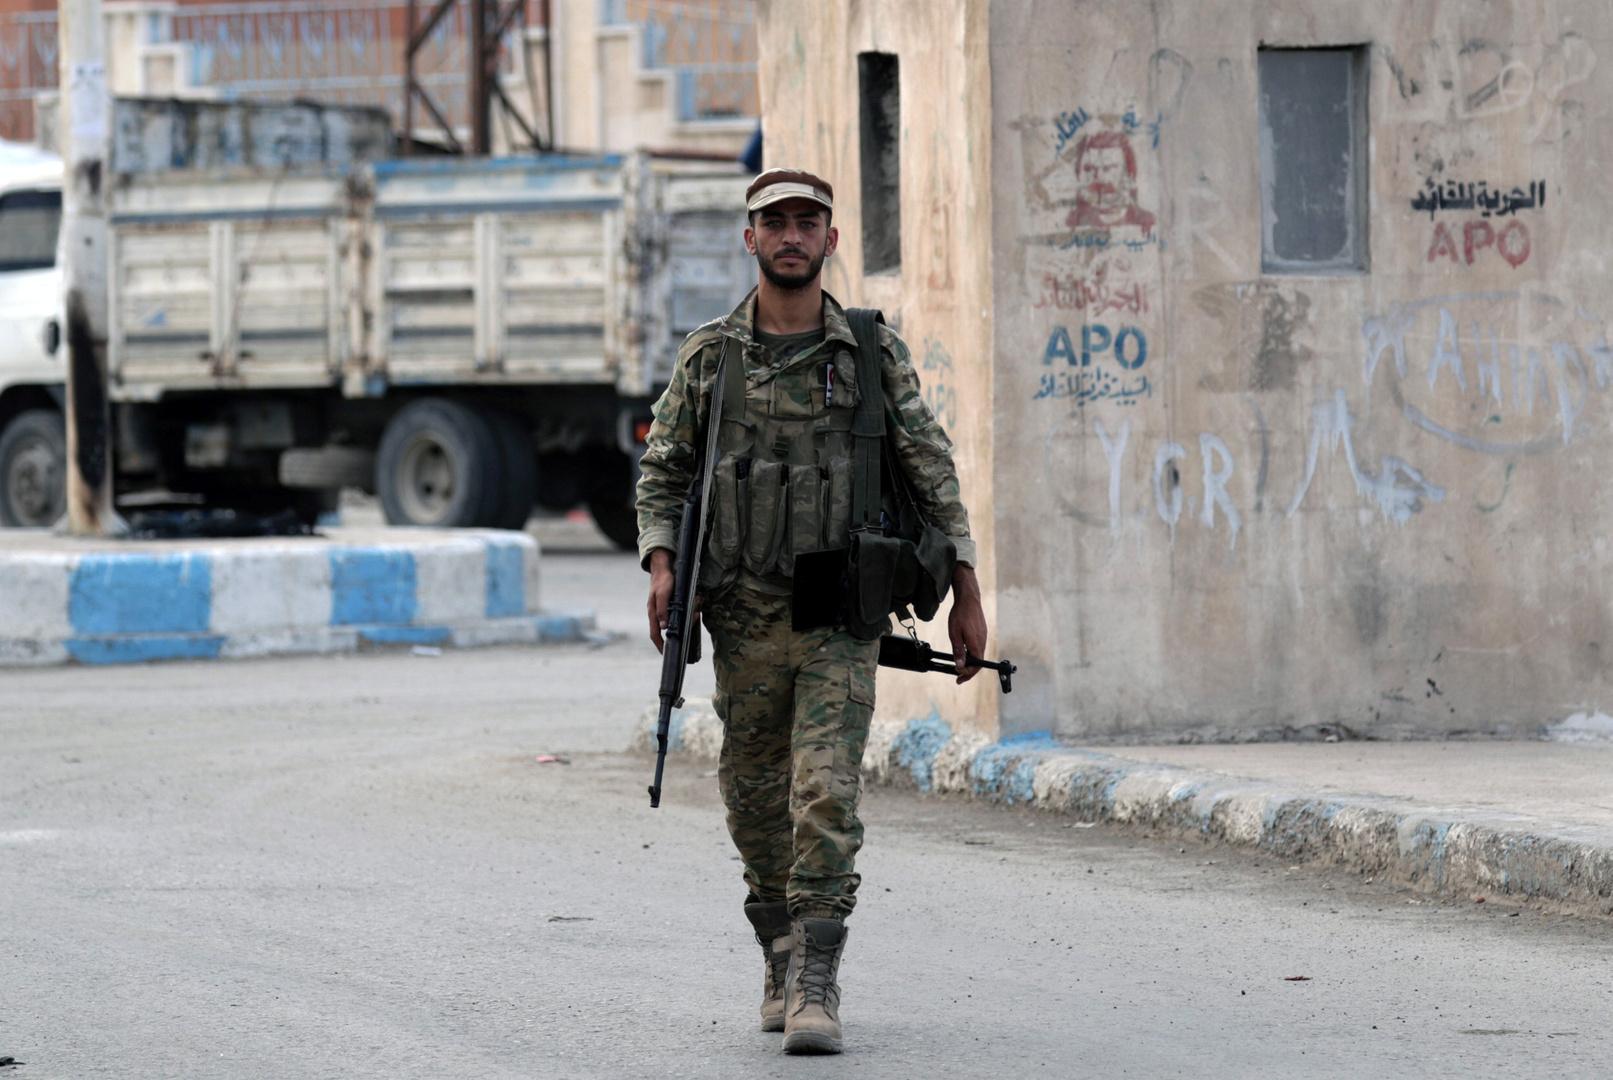 مسلح تابع للجماعات المسلحة الموالية لتركيا